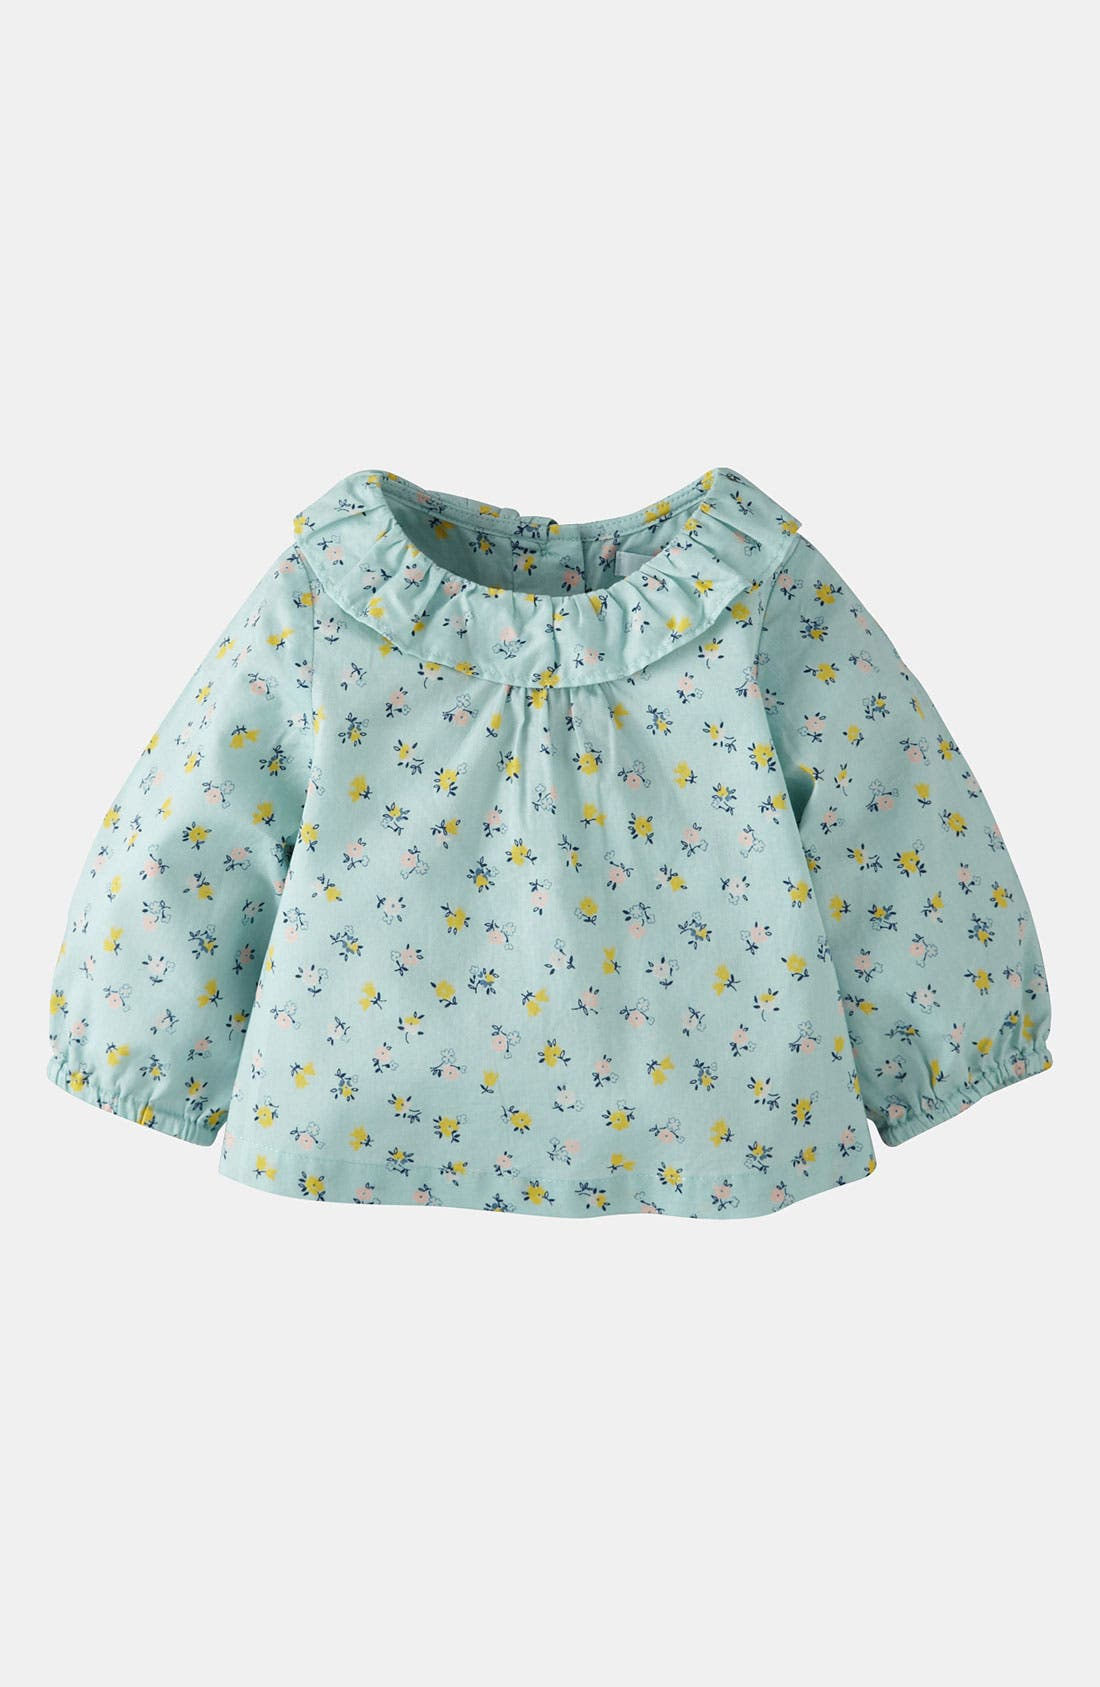 Main Image - Mini Boden 'Pretty' Woven Top (Baby)